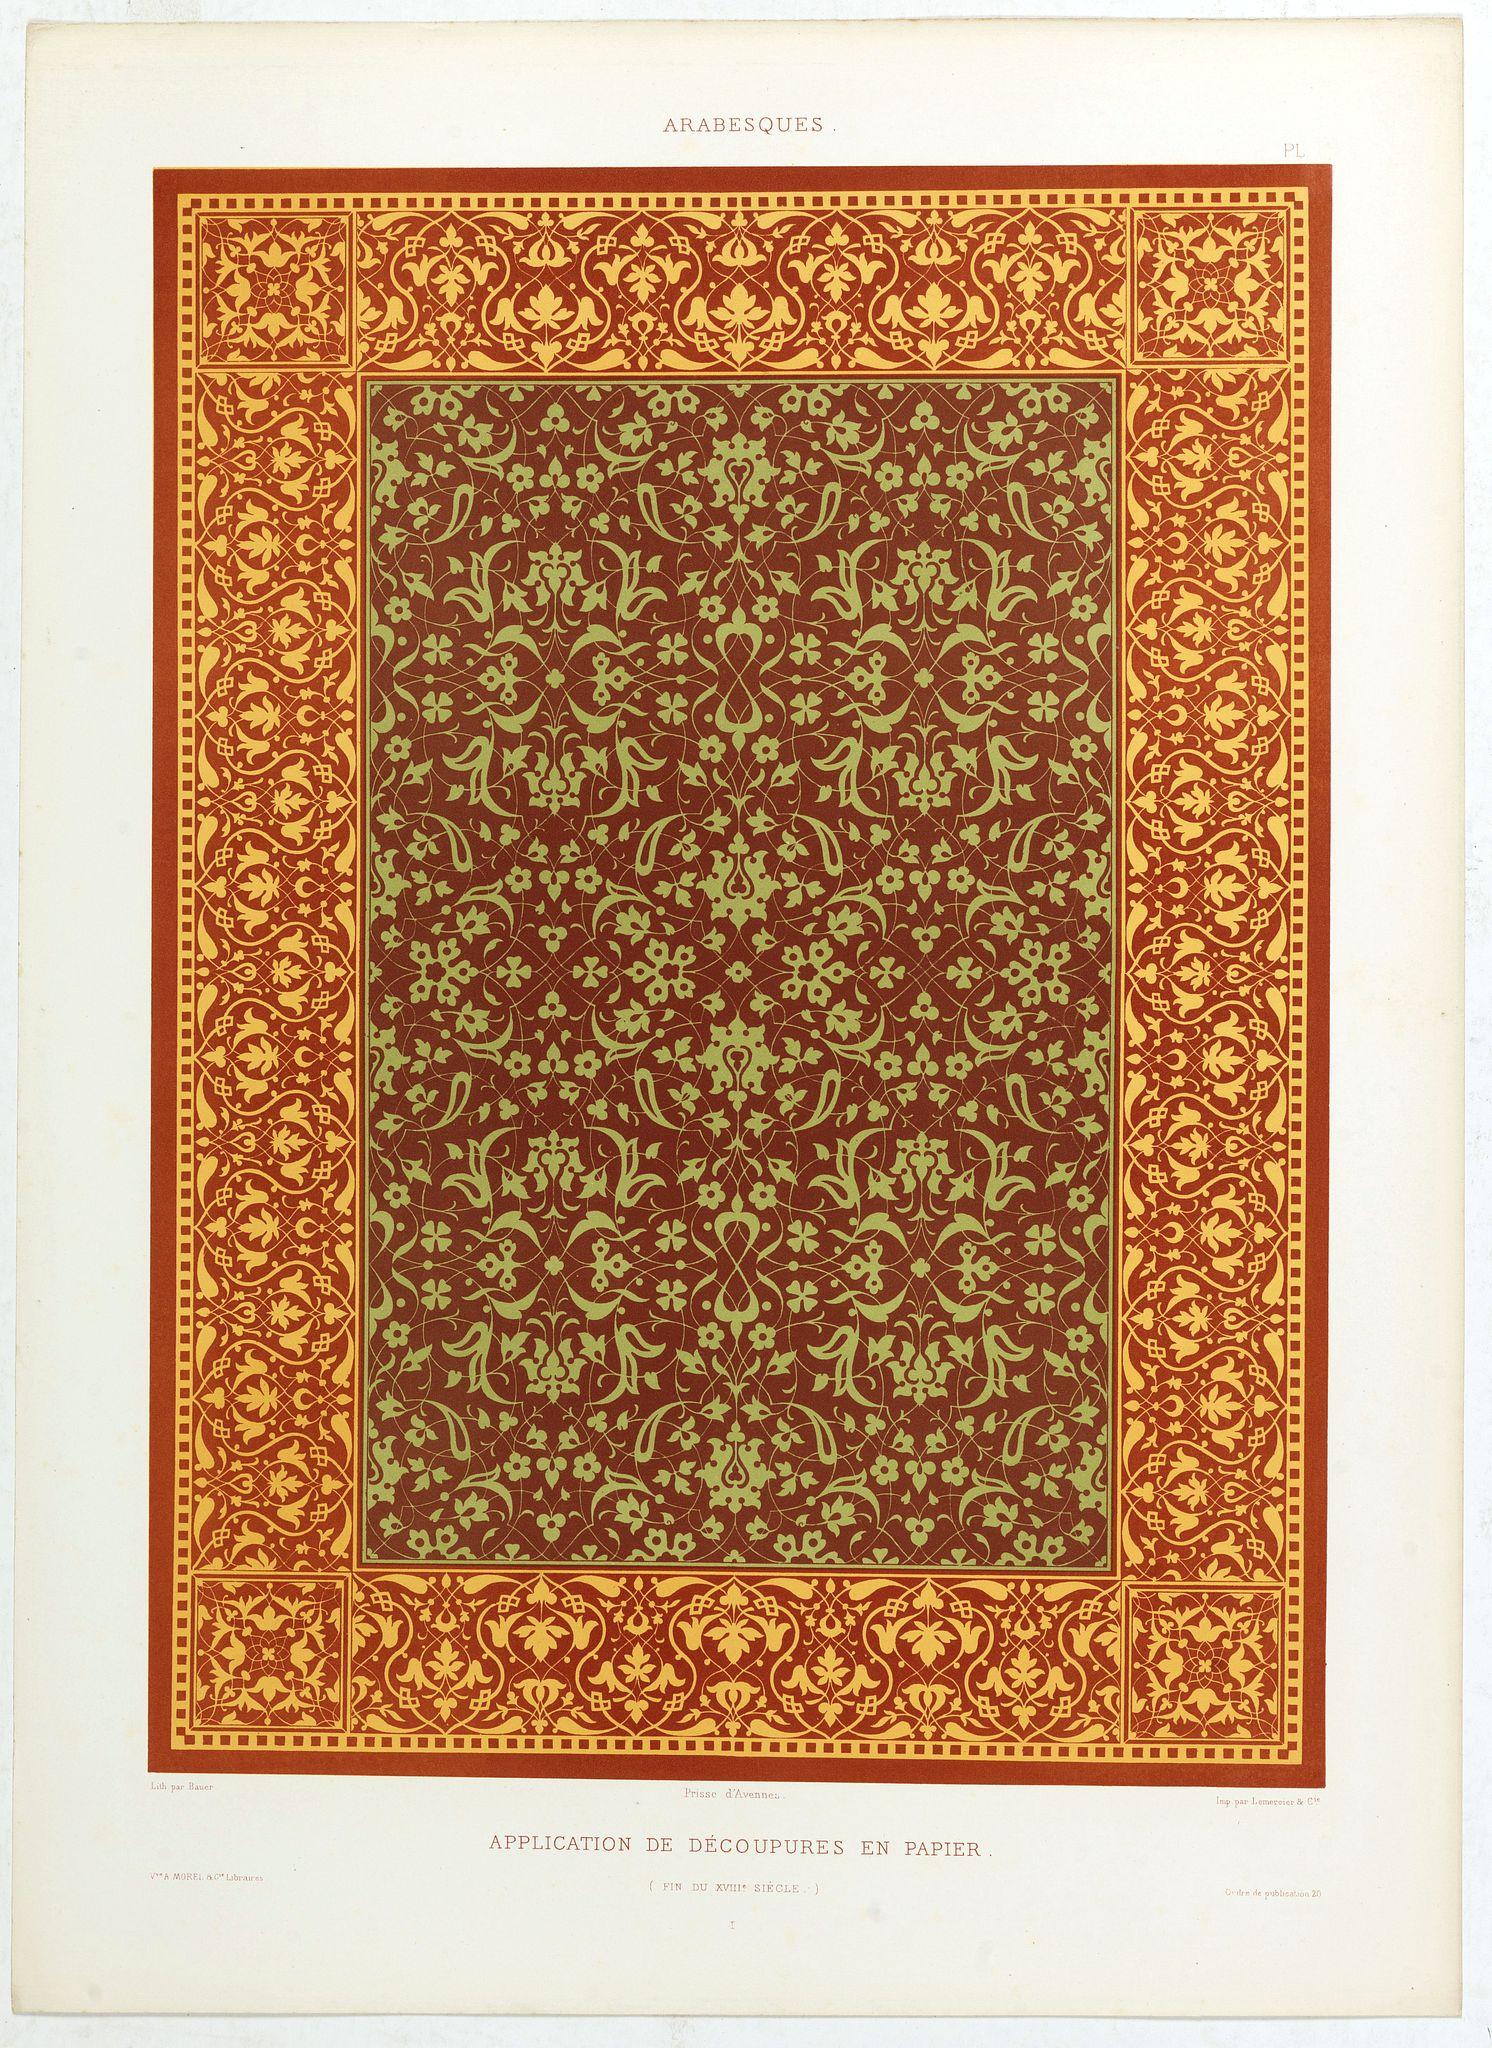 PRISSE D'AVENNES, E. -  Arabesques. - Application de découpures en papier.